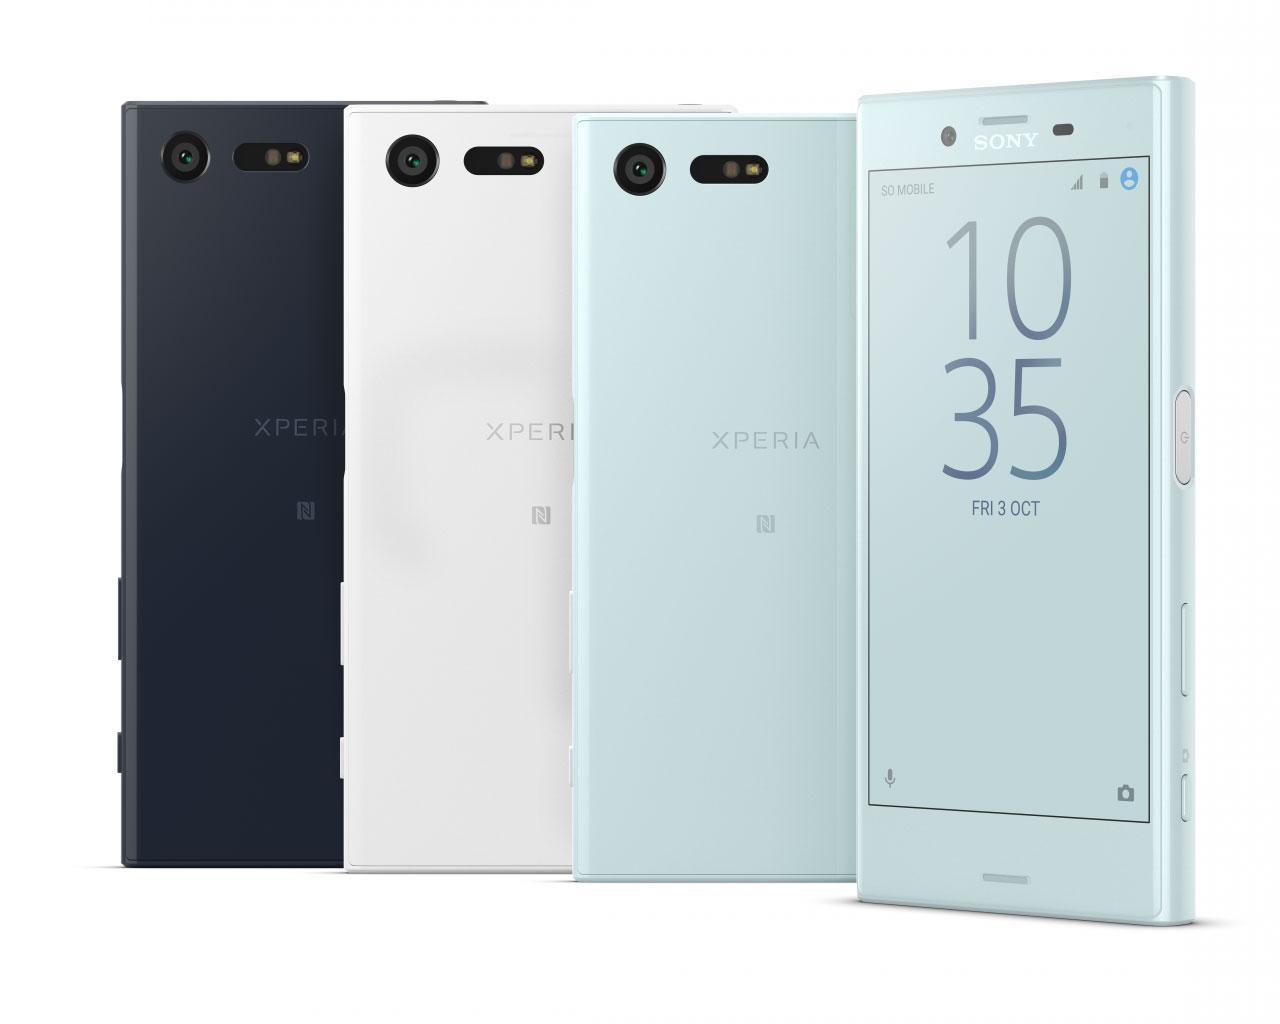 Sony Xperia Compact blanco, negro y gris claro